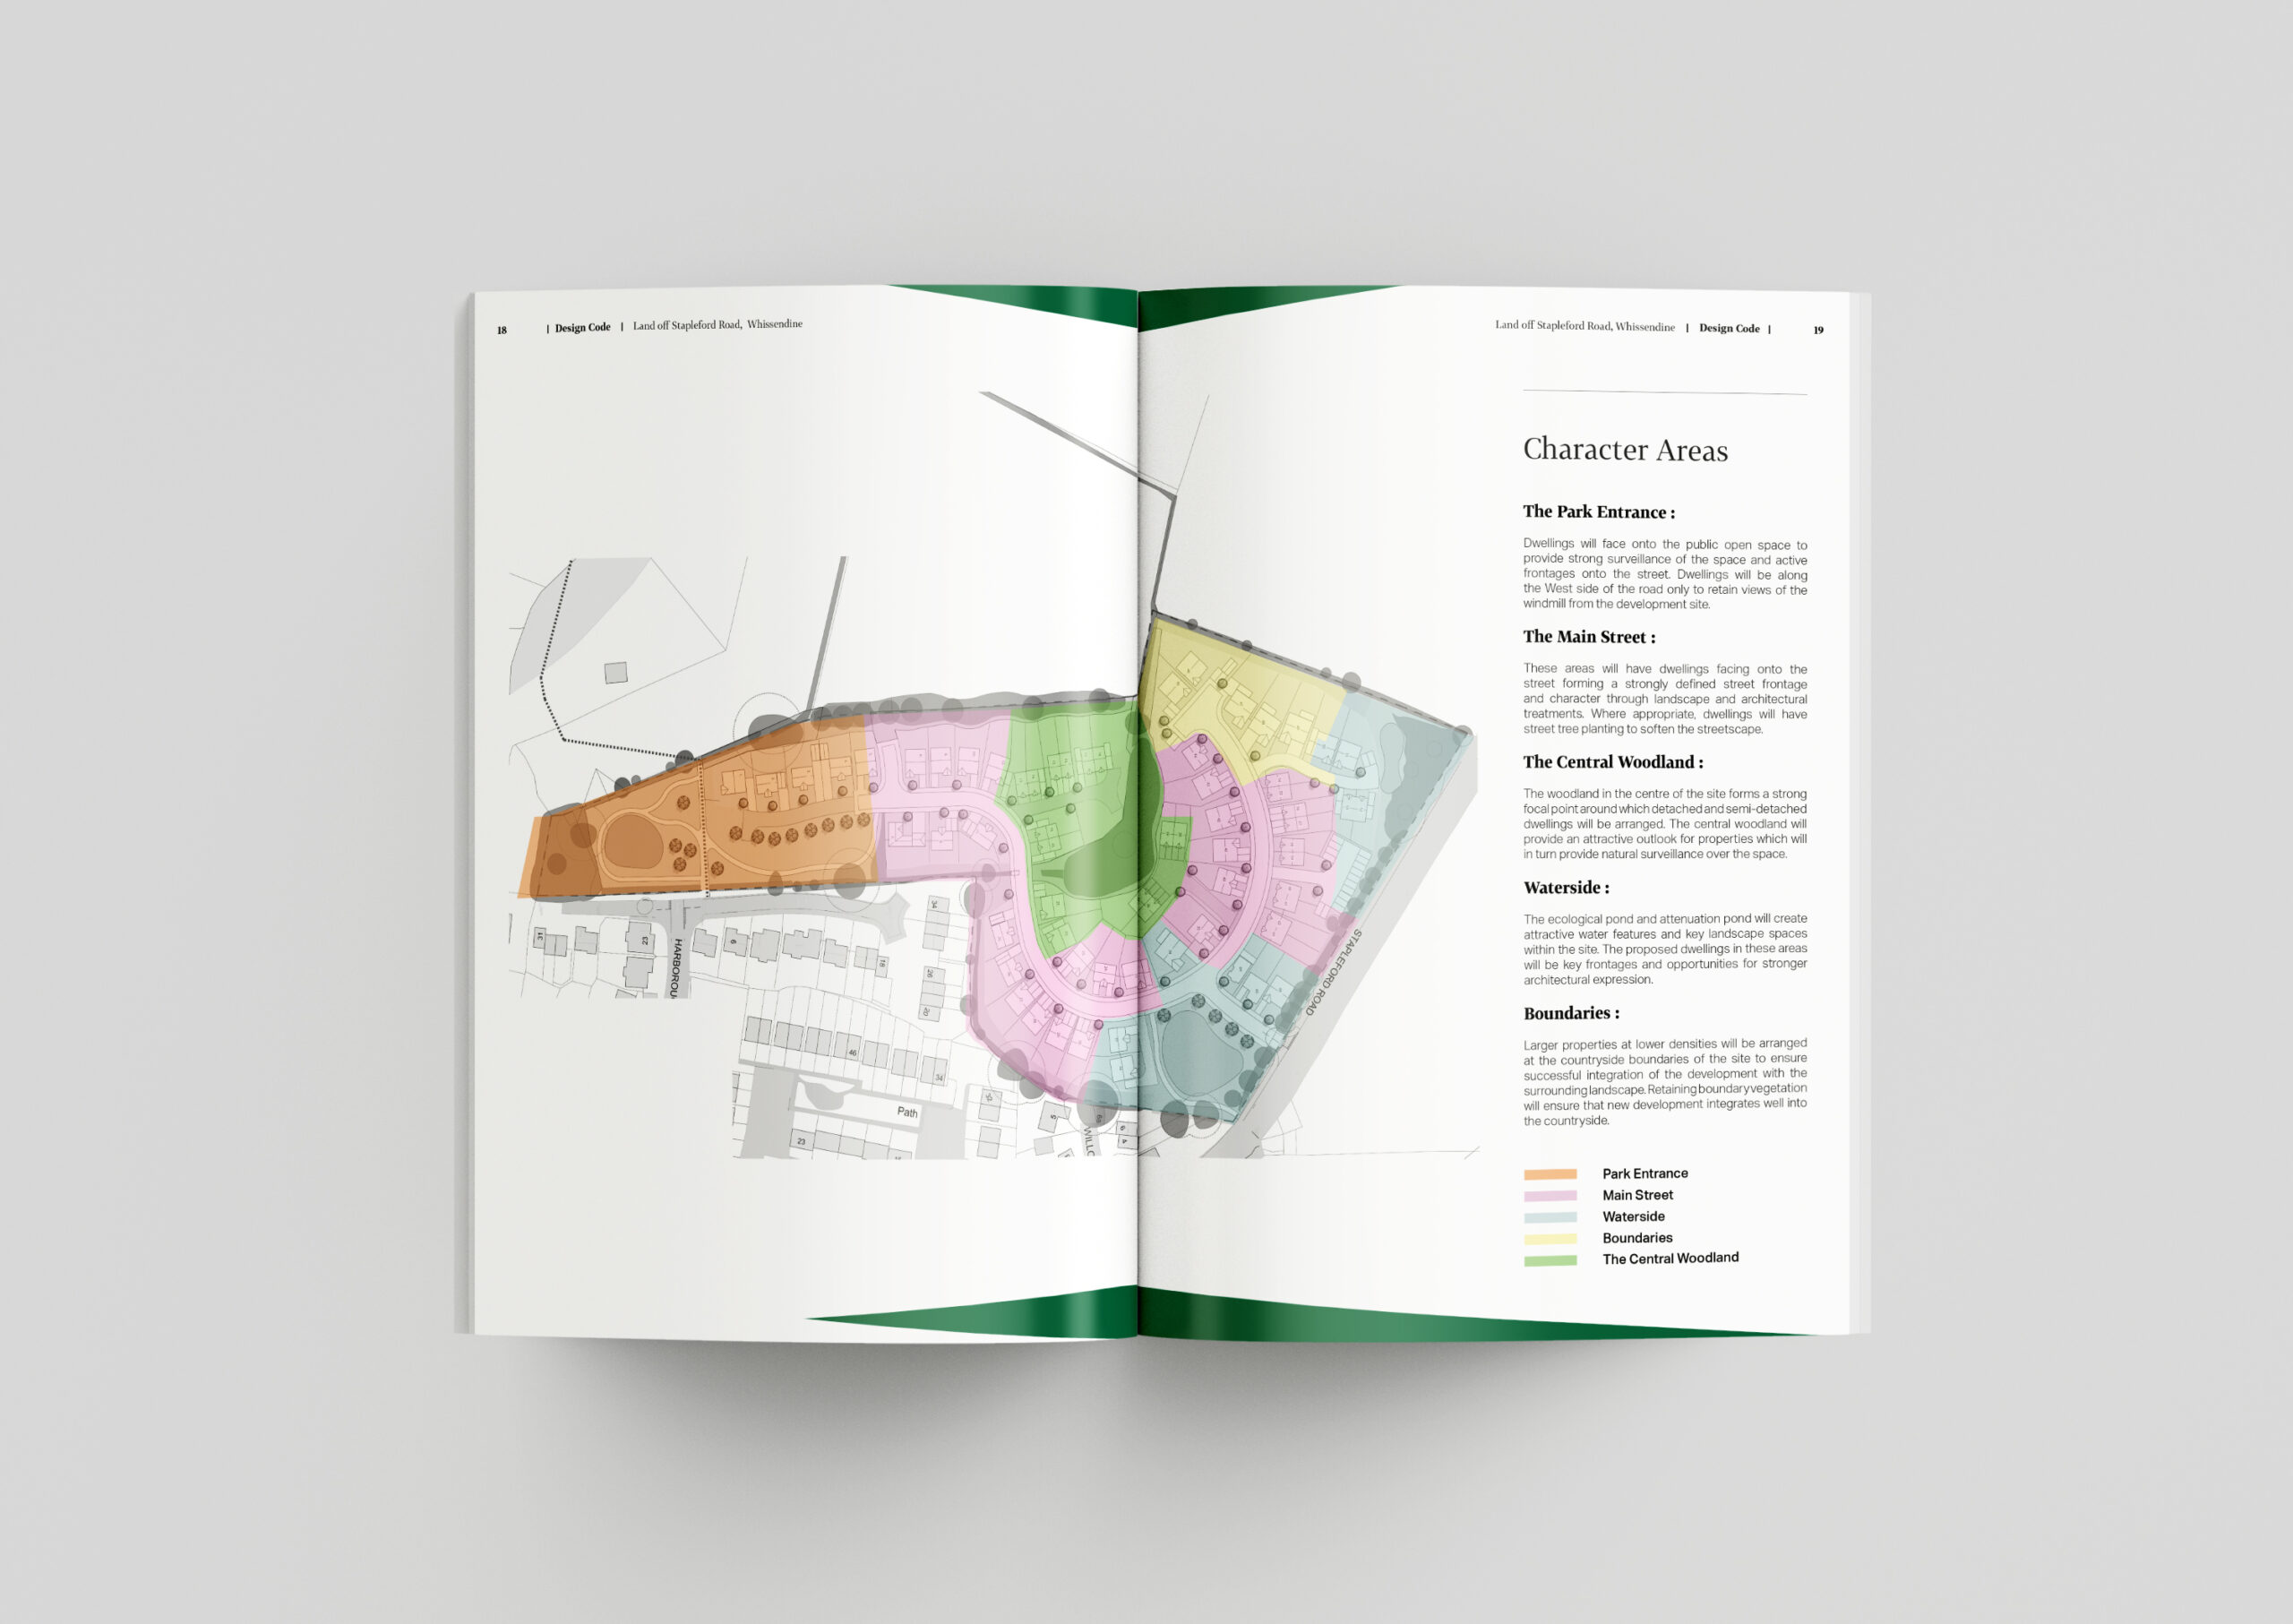 Strategic Land Promotion